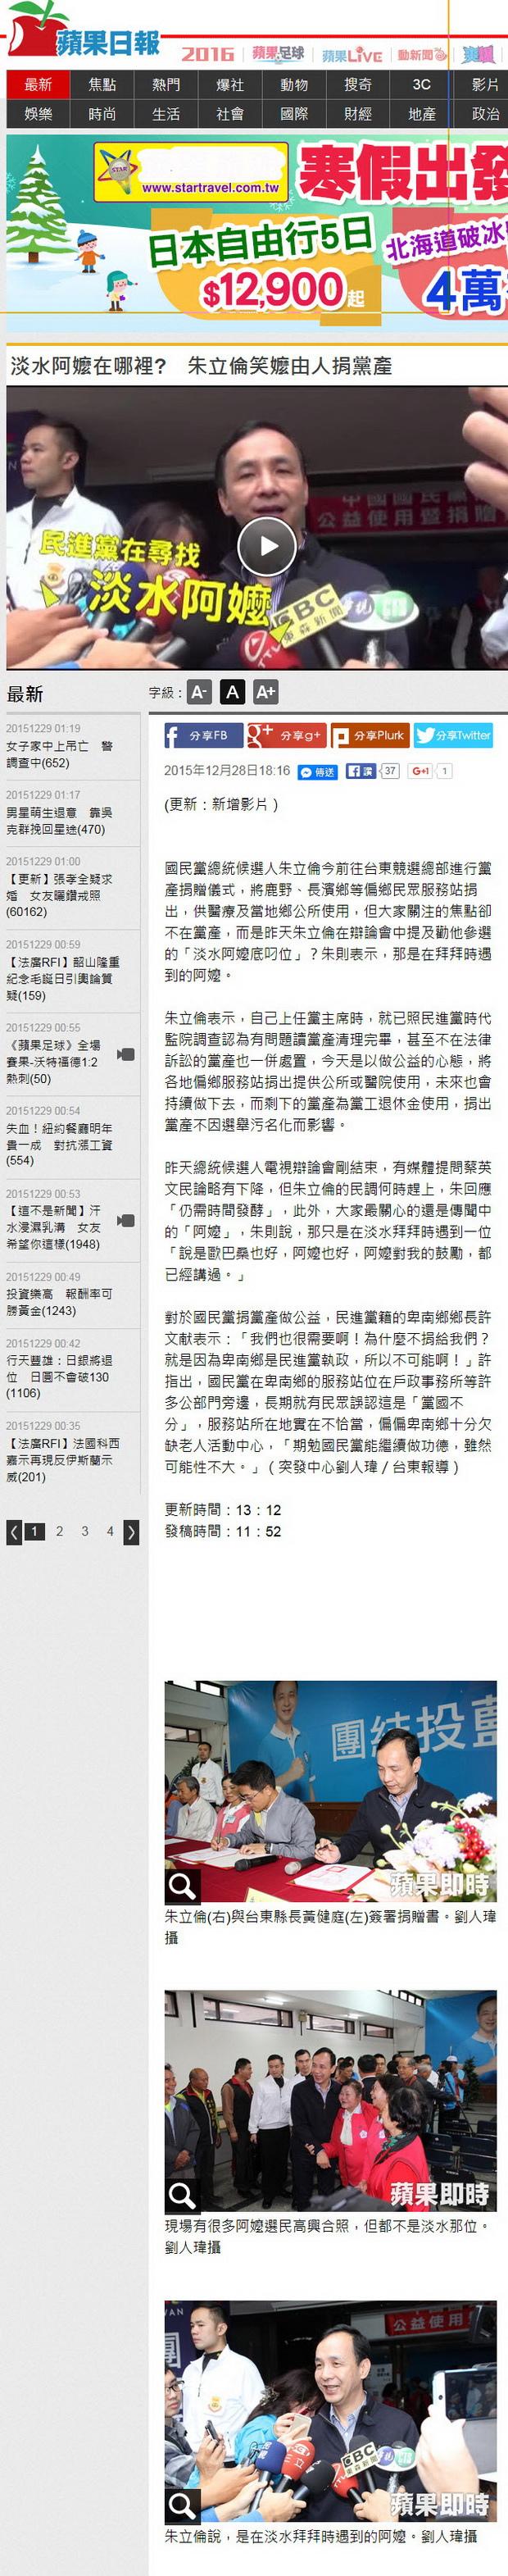 淡水阿嬤在哪裡? 朱立倫笑嬤由人捐黨產-2015.12.28.12.28.jpg